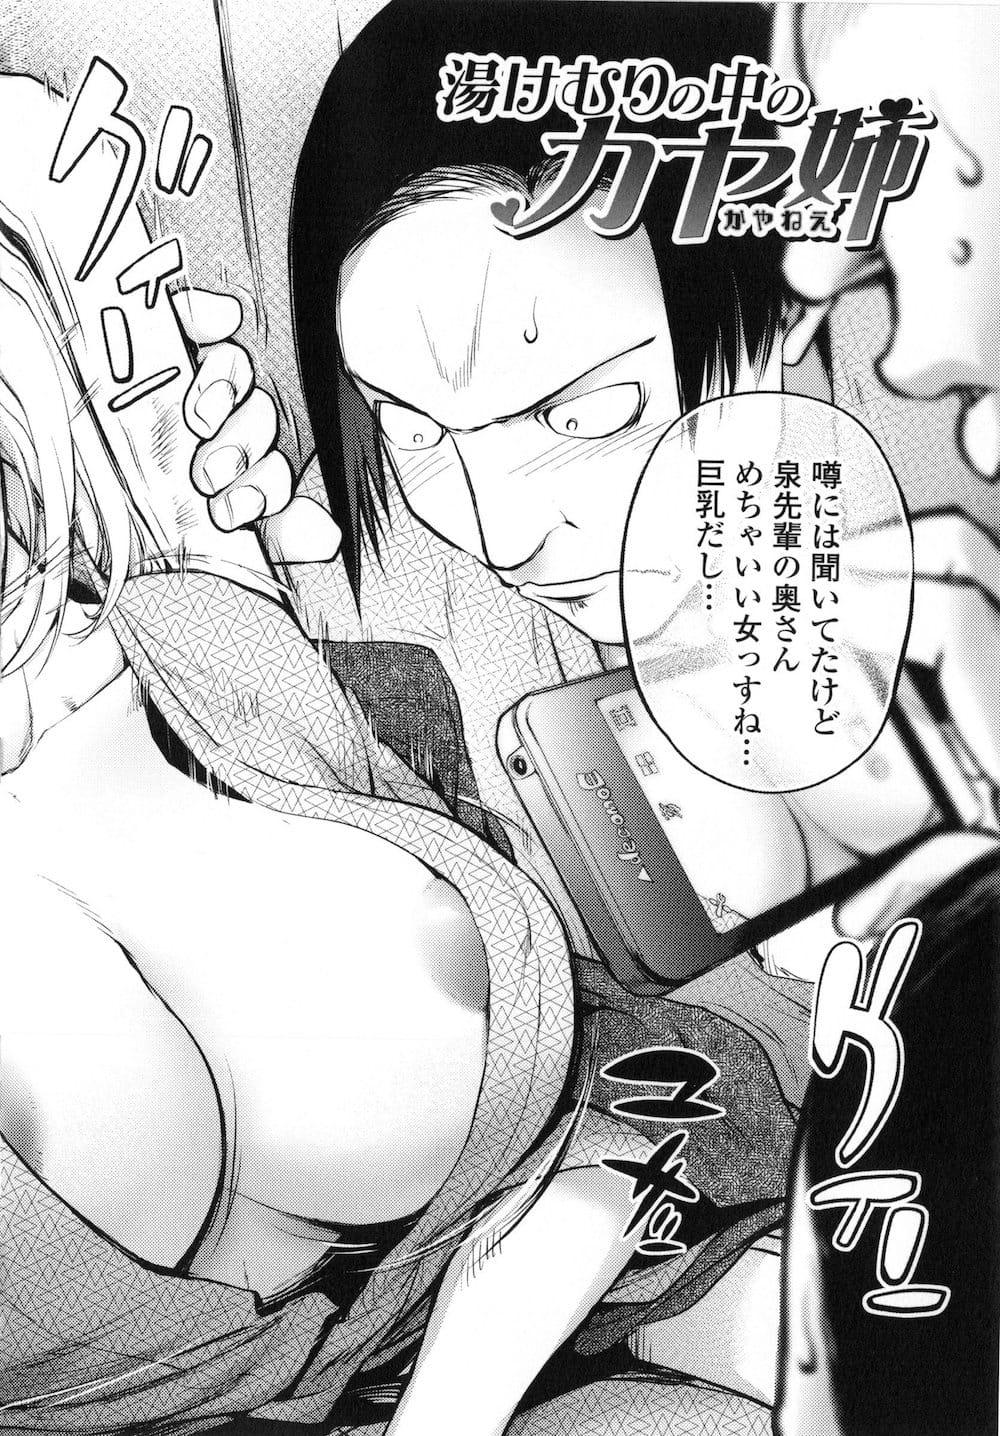 【エロ漫画】慰安旅行に家族で参加した美人妻が大浴場で職員達を相手に極上ボディで輪姦生ハメ寝取られセックス!